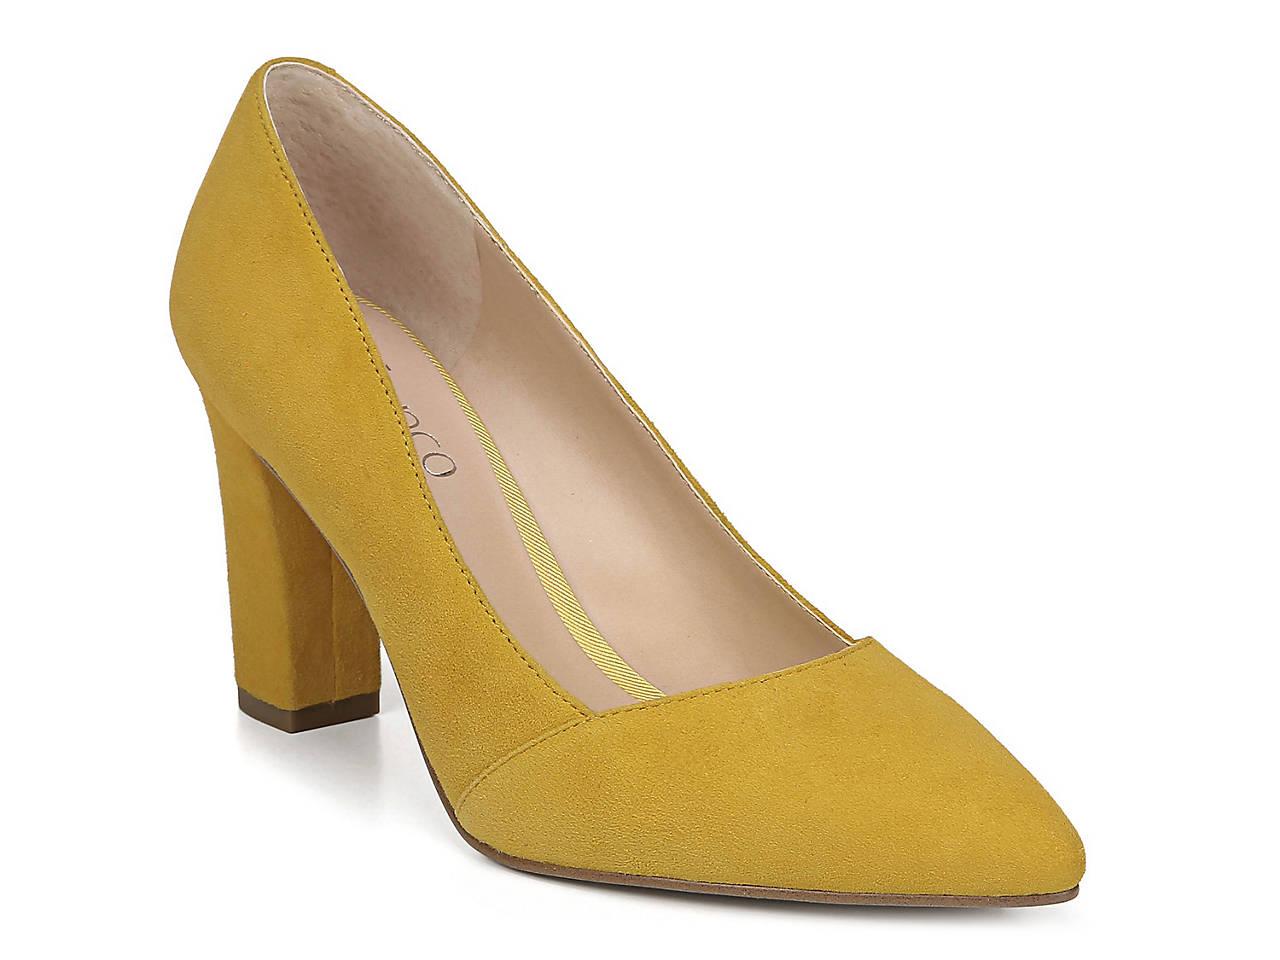 d0b5c6aa2c1 Franco Sarto Abee Pump Men s Shoes